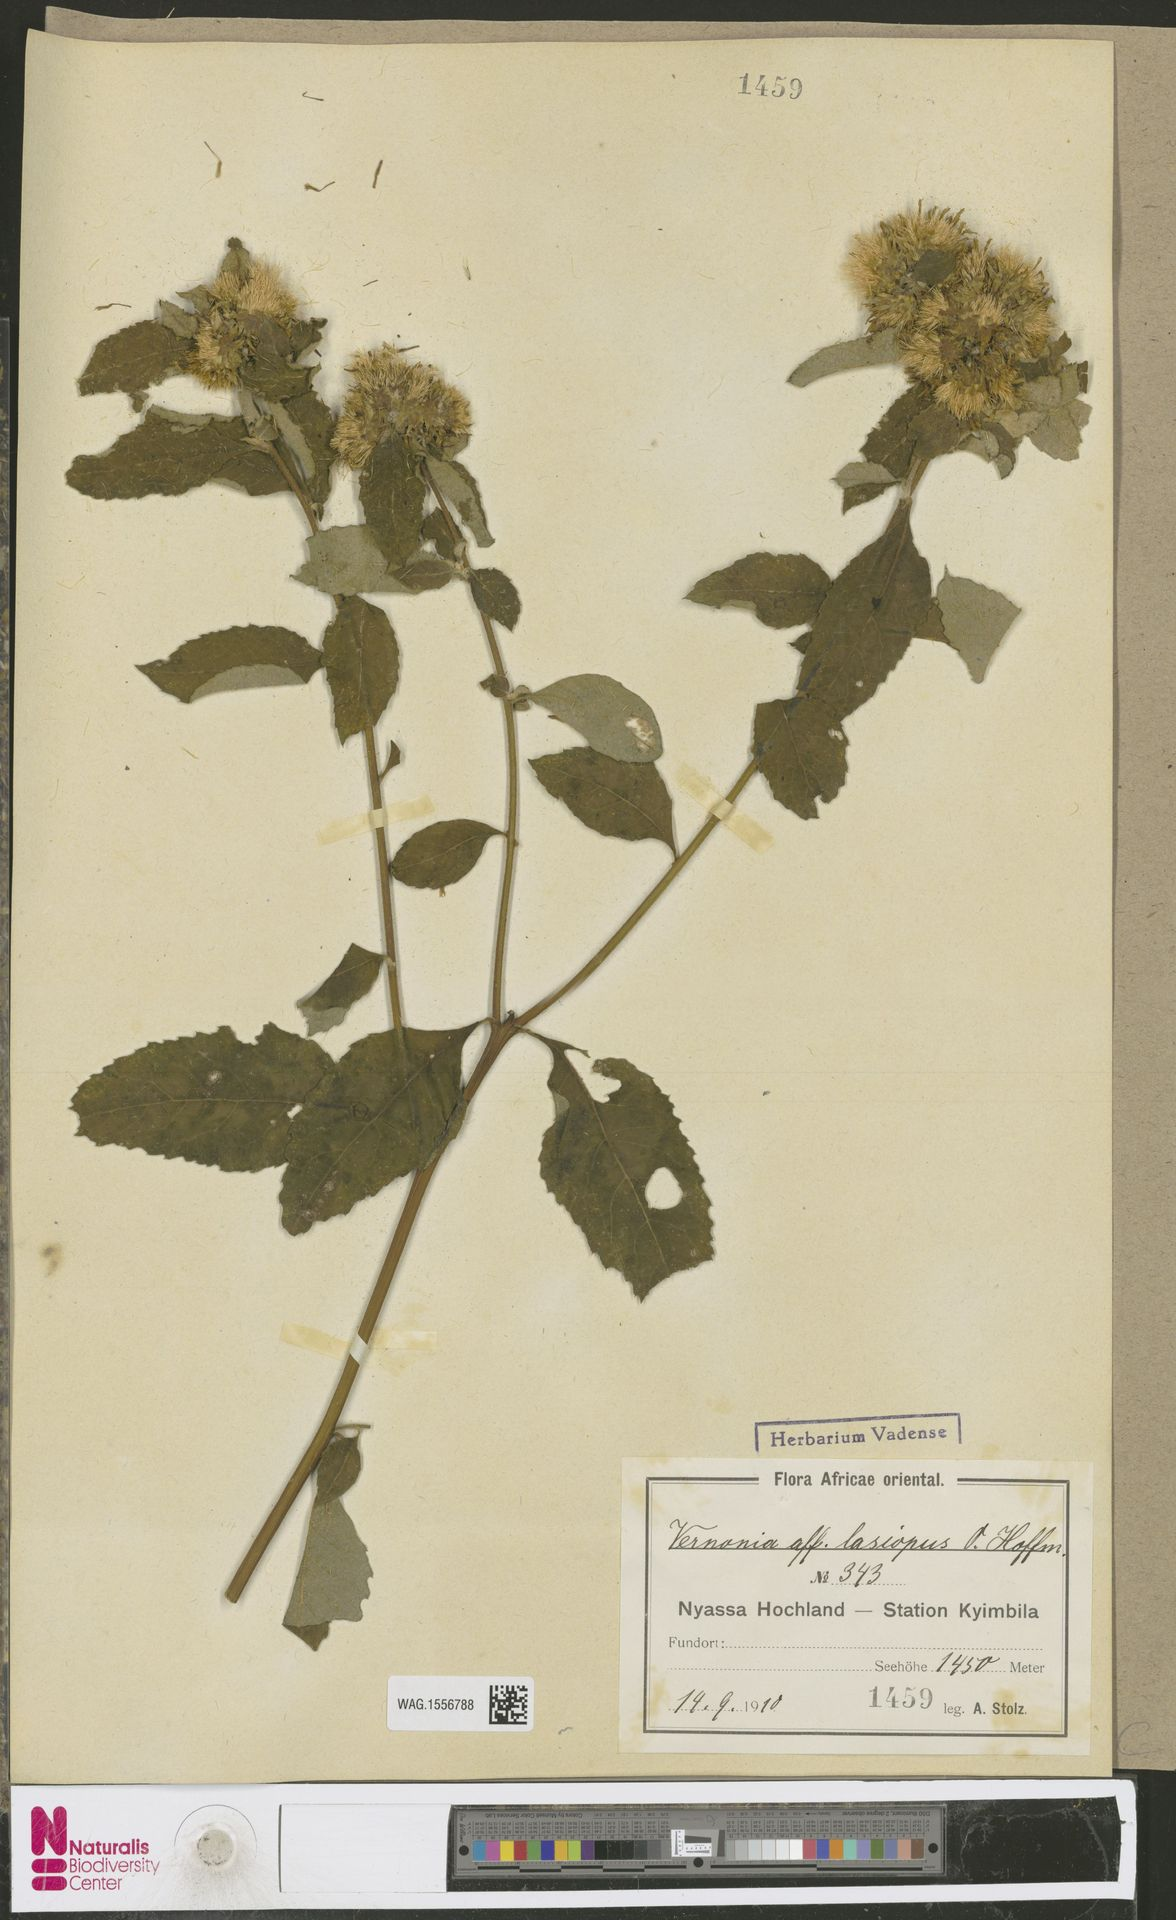 WAG.1556788 | Vernonia hymenolepis subsp. tolypophora (Mattf.) Wild